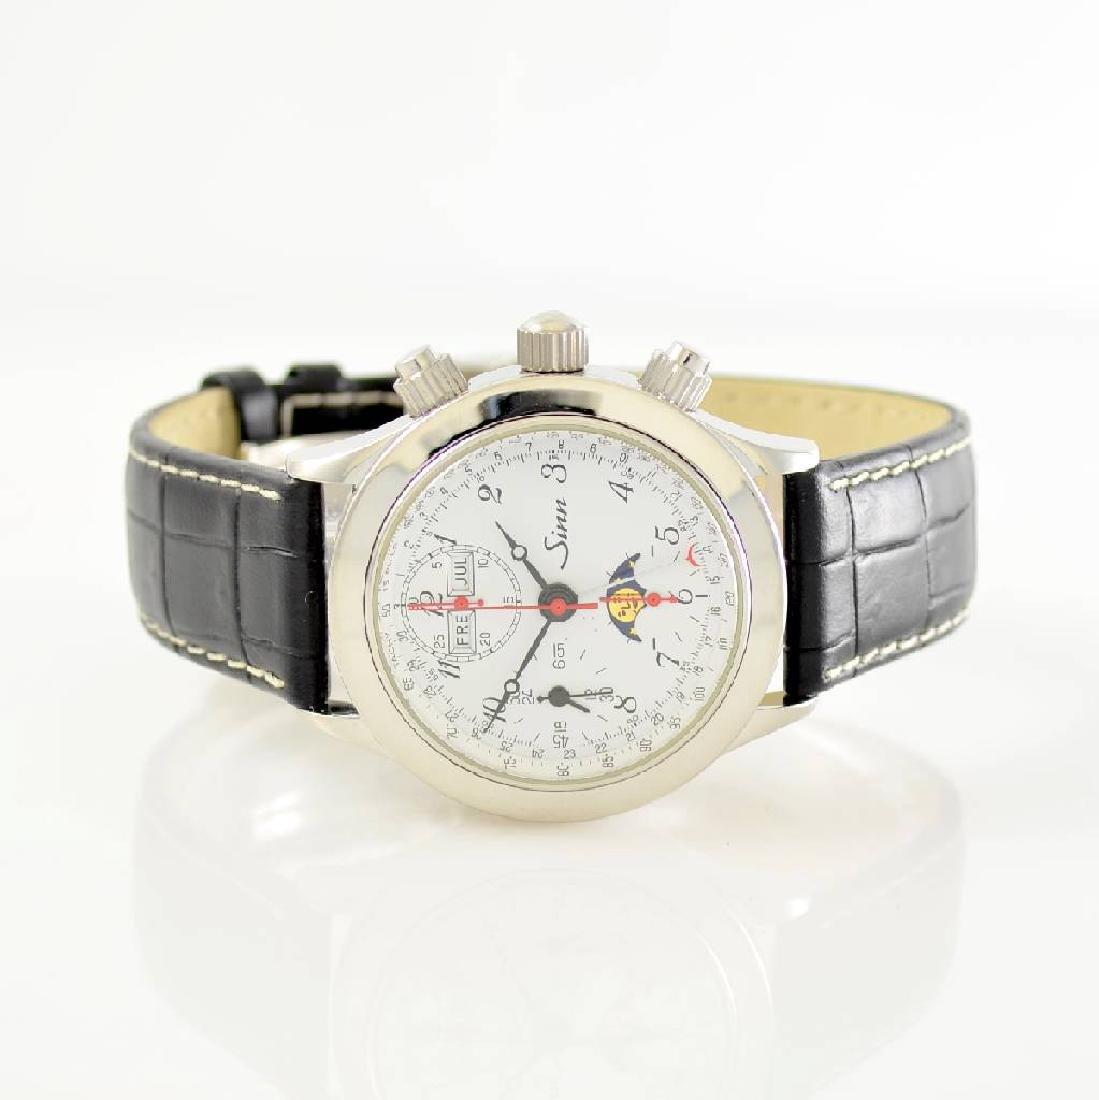 SINN gents wristwatch model 6026